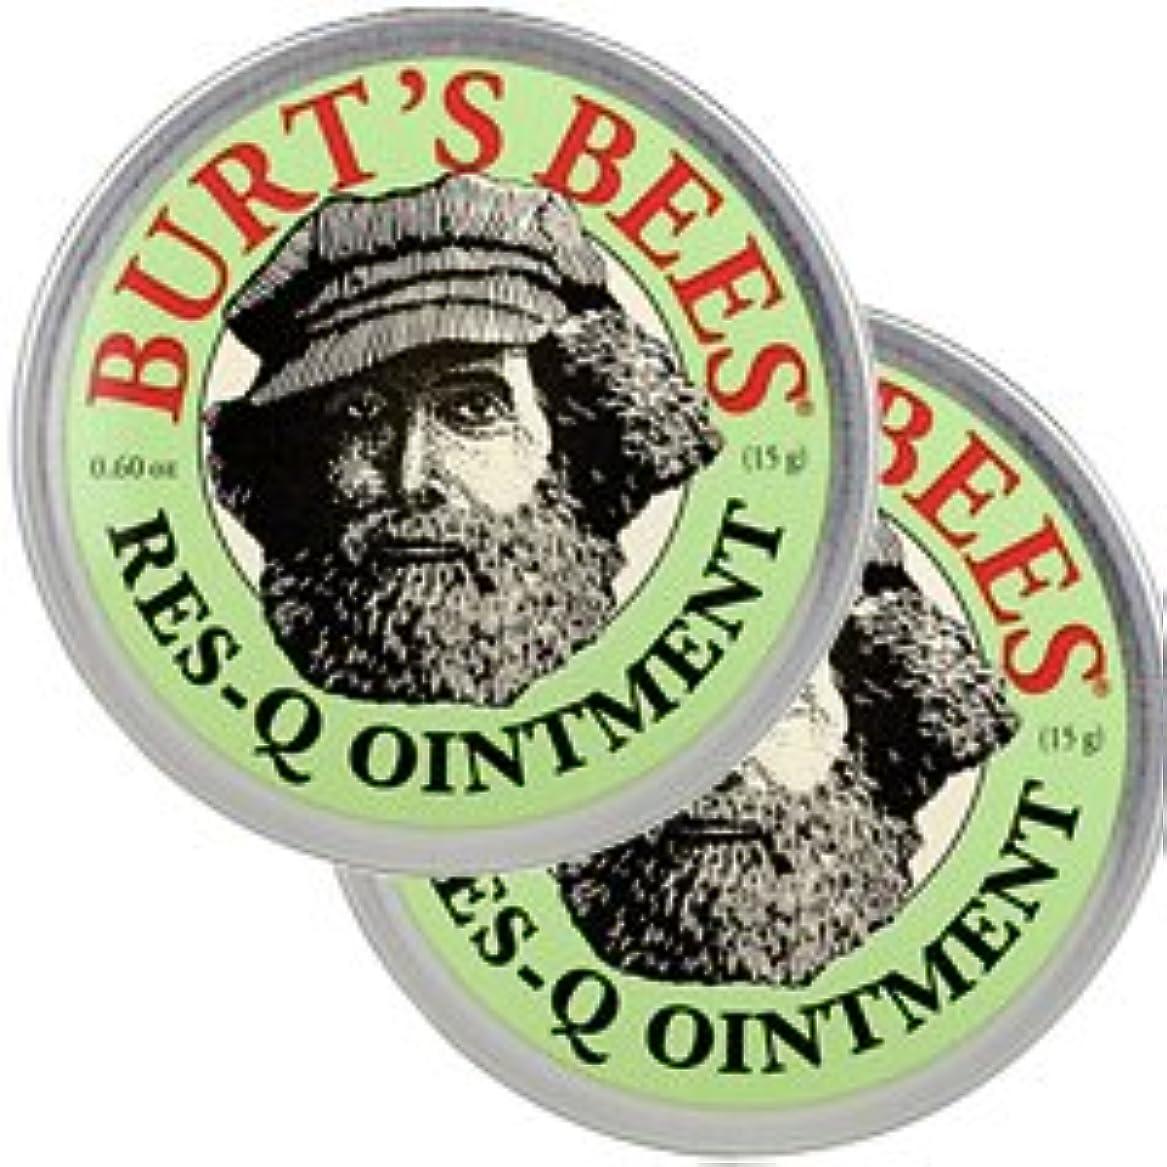 バンジージャンプまとめる構造的バーツビーズ(Burt's Bees)レスキュー オイントメント 17g 2個セット[並行輸入品][海外直送品]